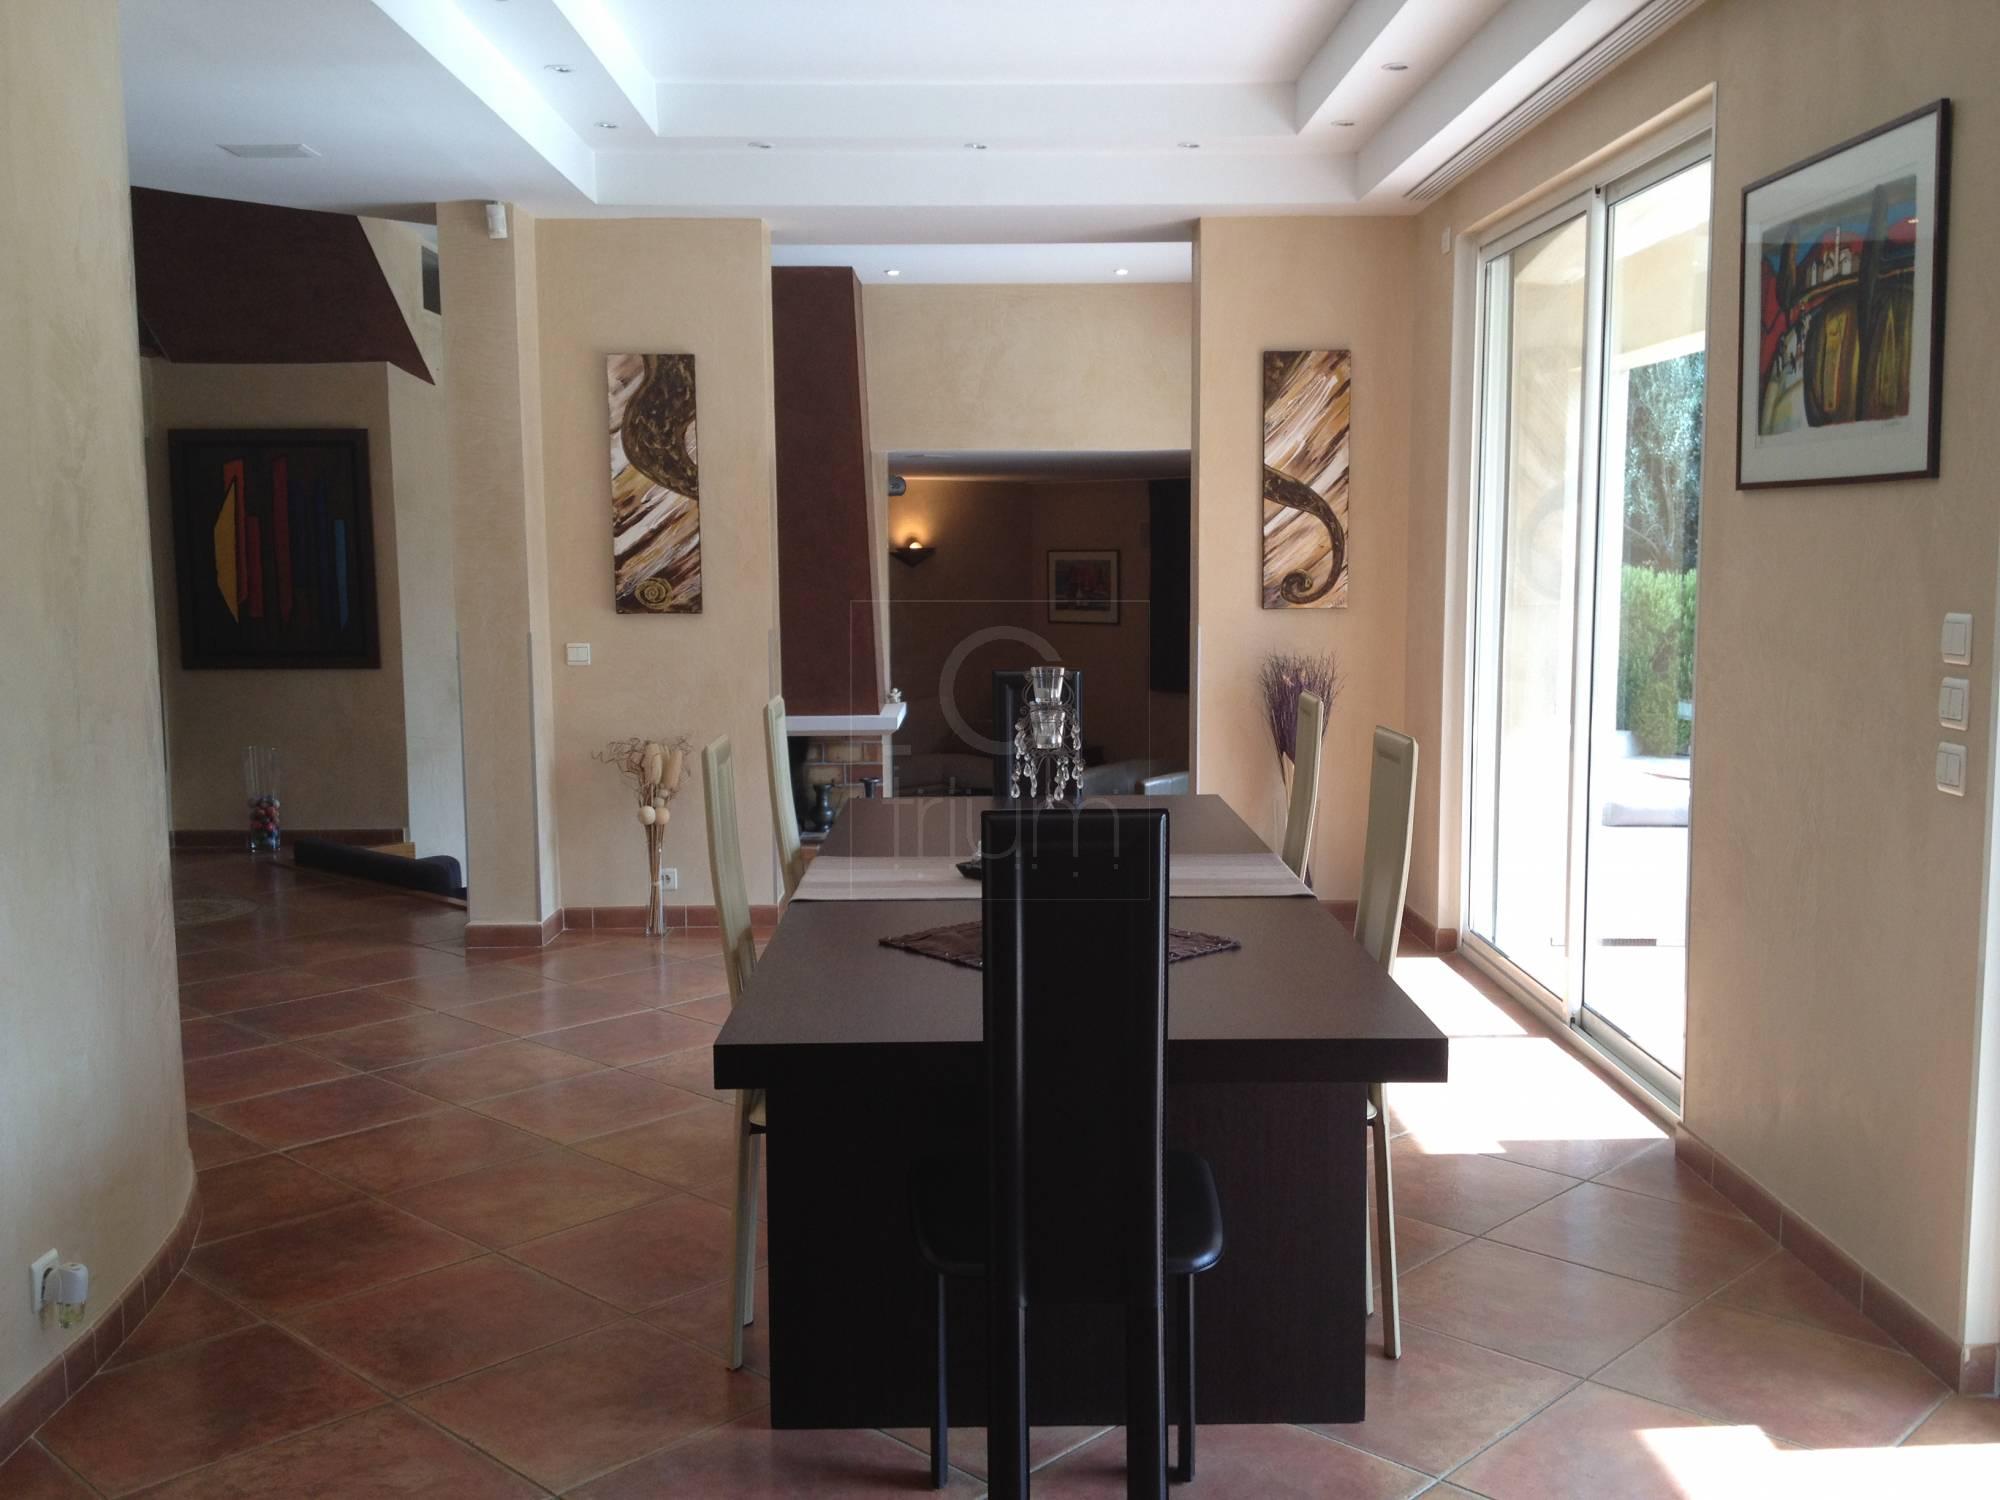 Vente maison allauch belle superficie habitable avec for Maison allauch